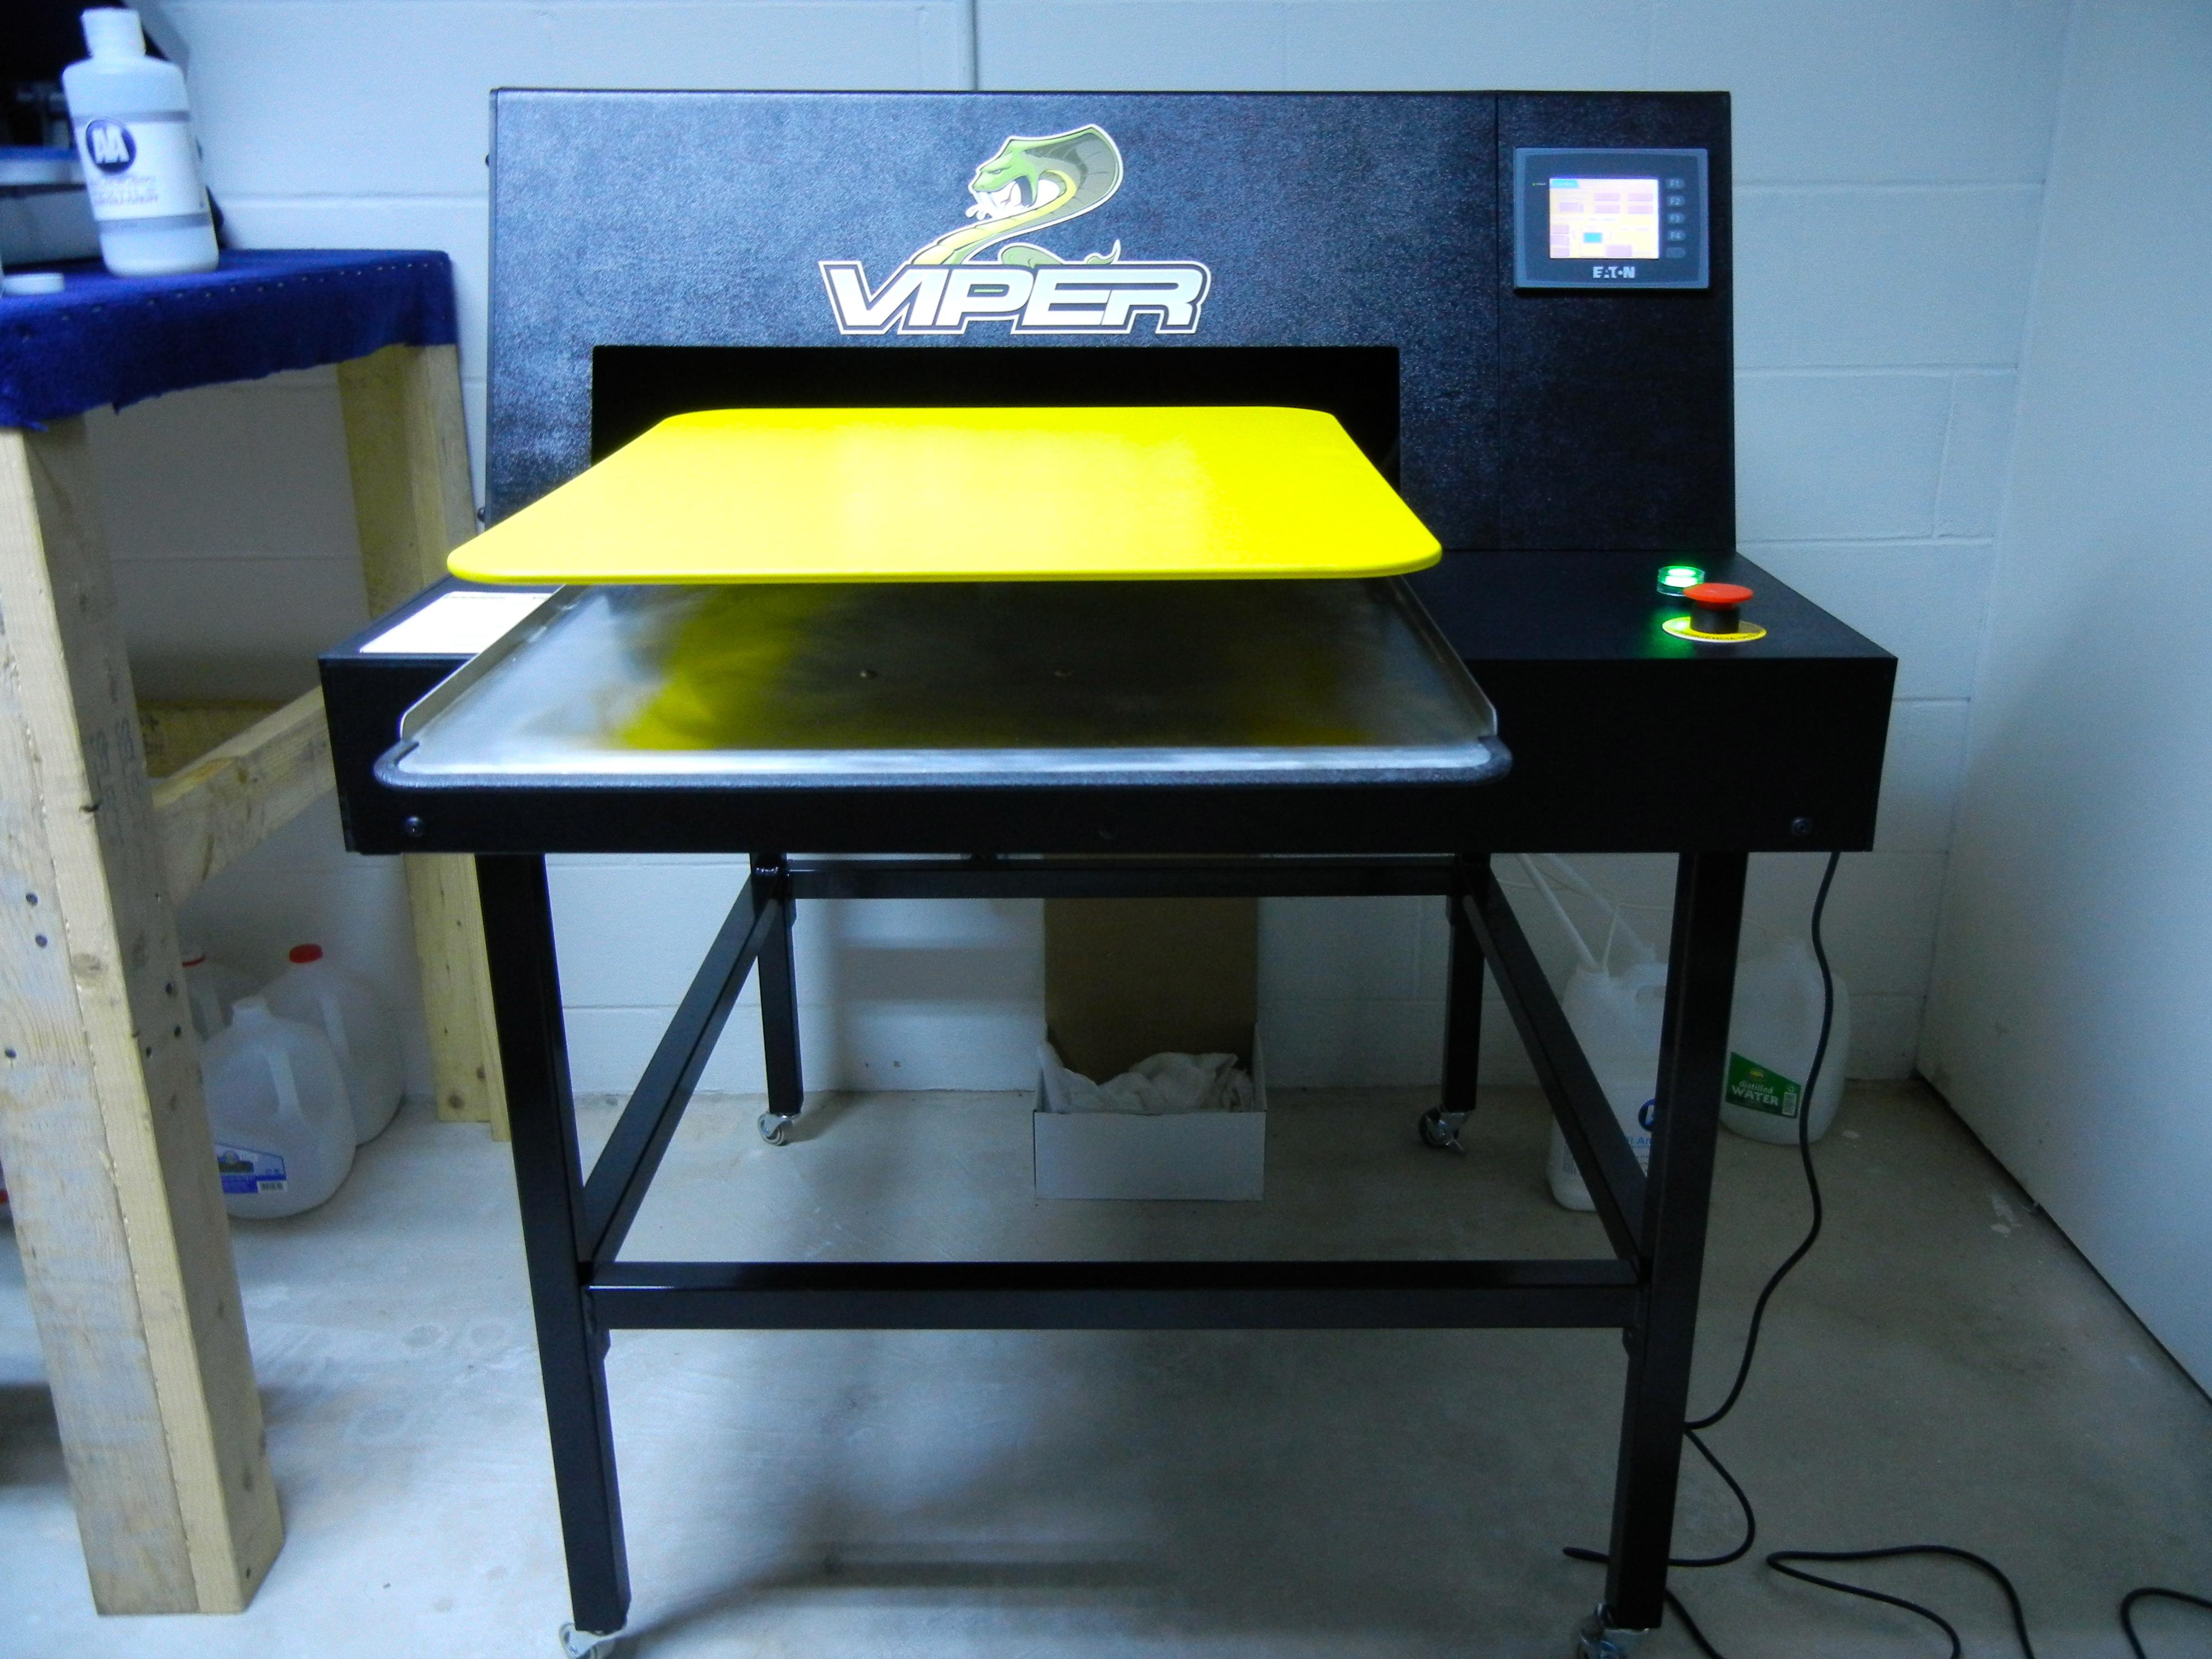 viper pretreat machine